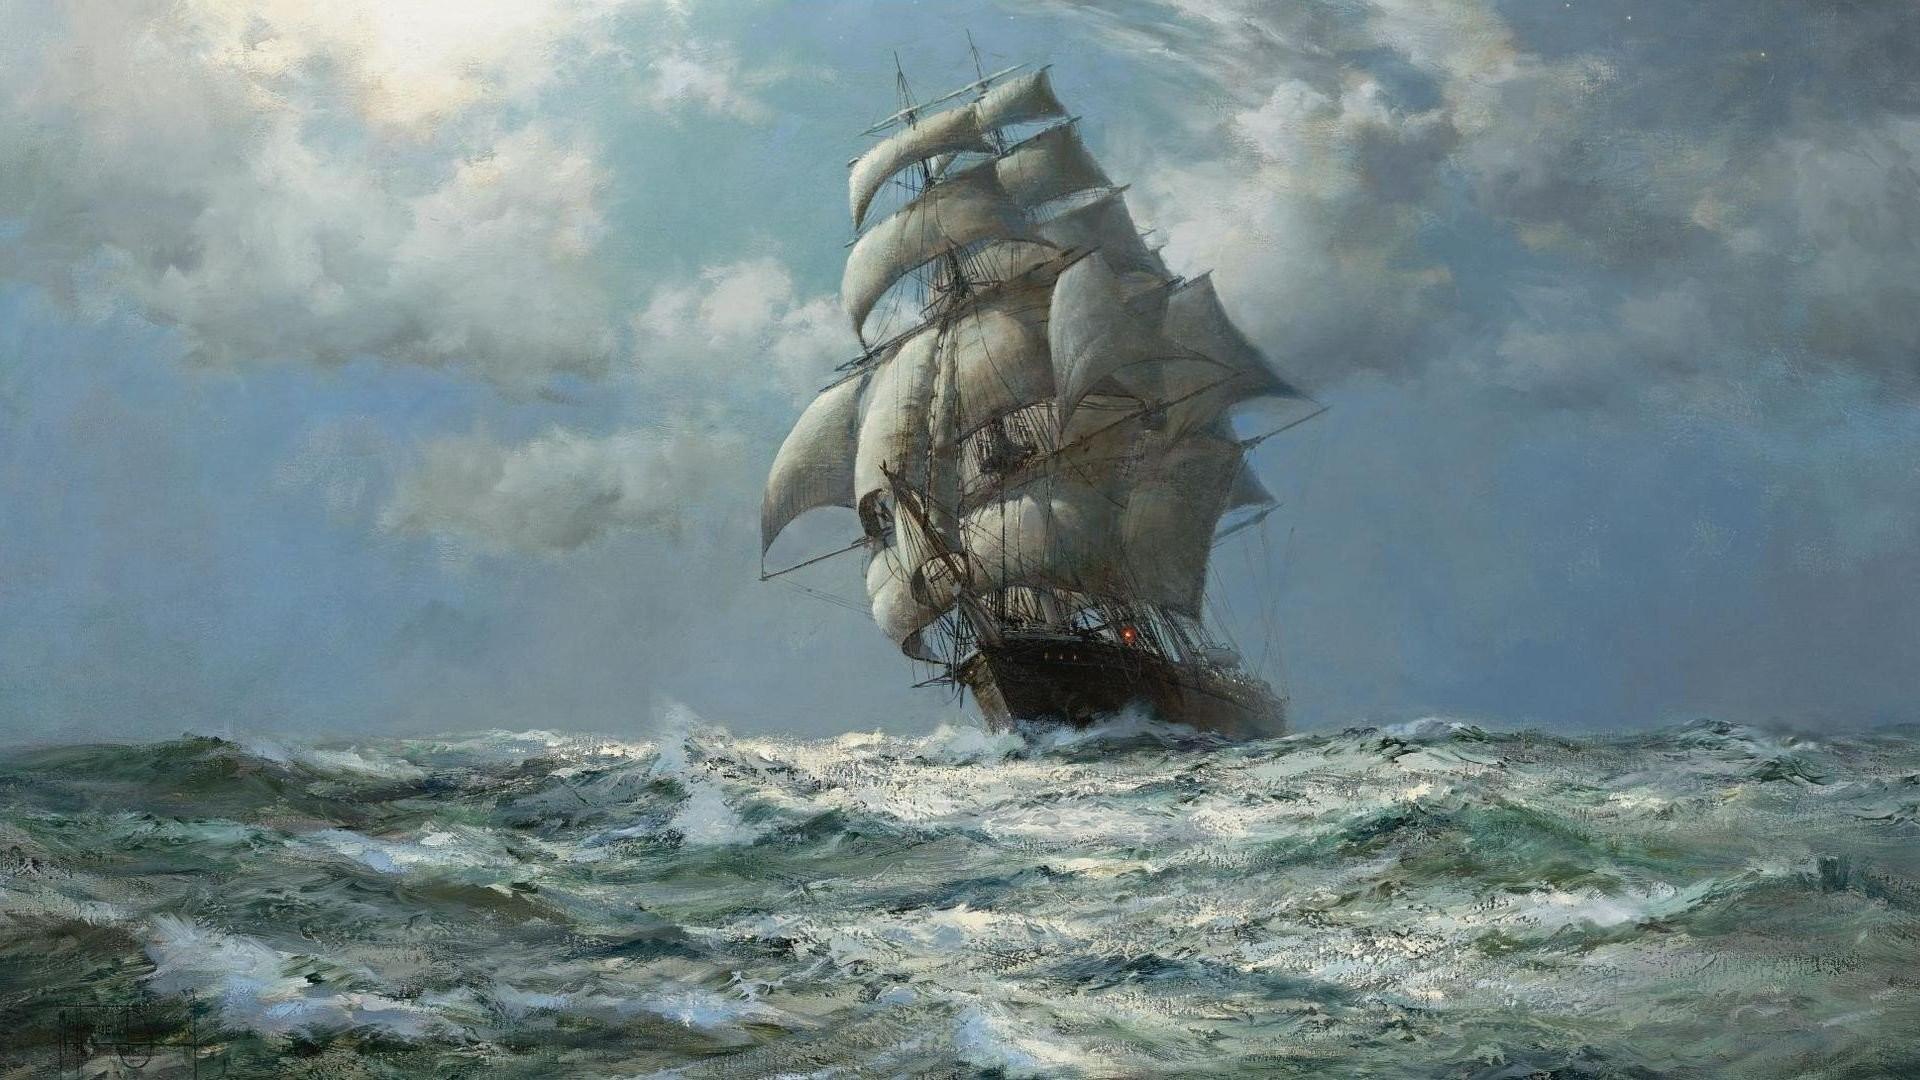 Artwork Montague Dawson Ocean Paintings Sail Ship Ships